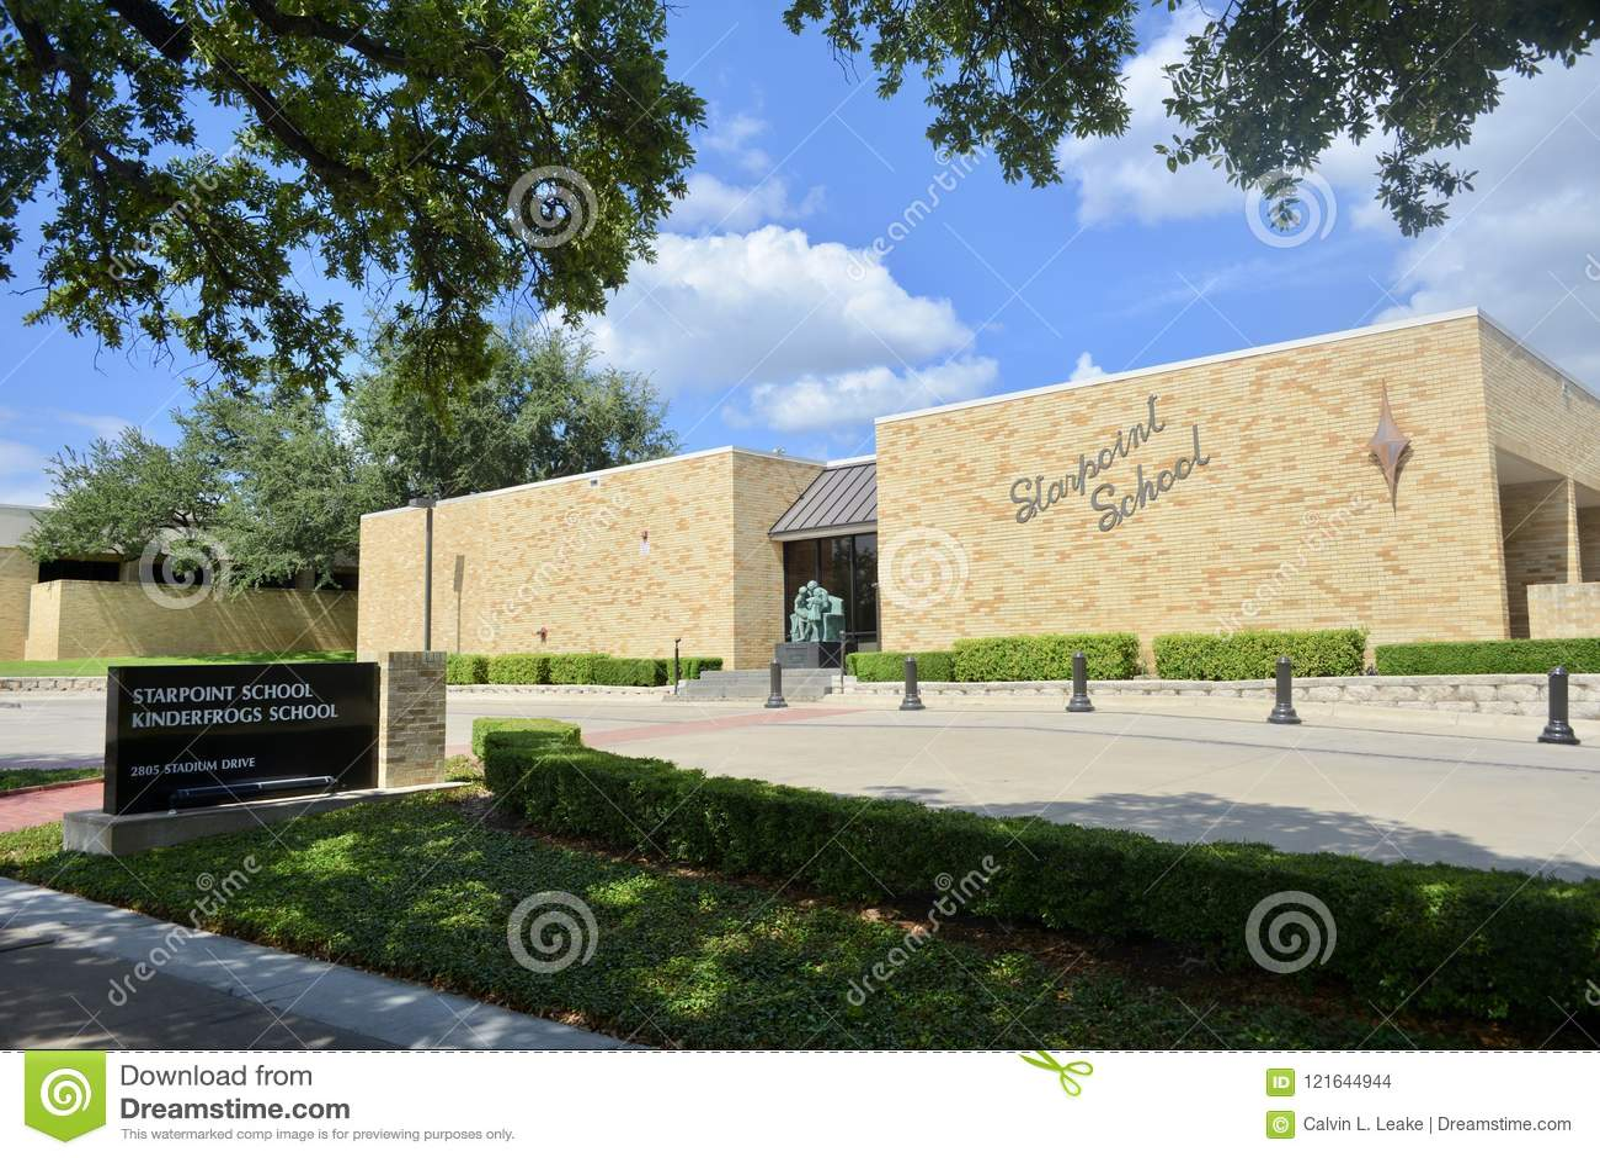 Starpoint School at TCU, Fort Worth, Texas